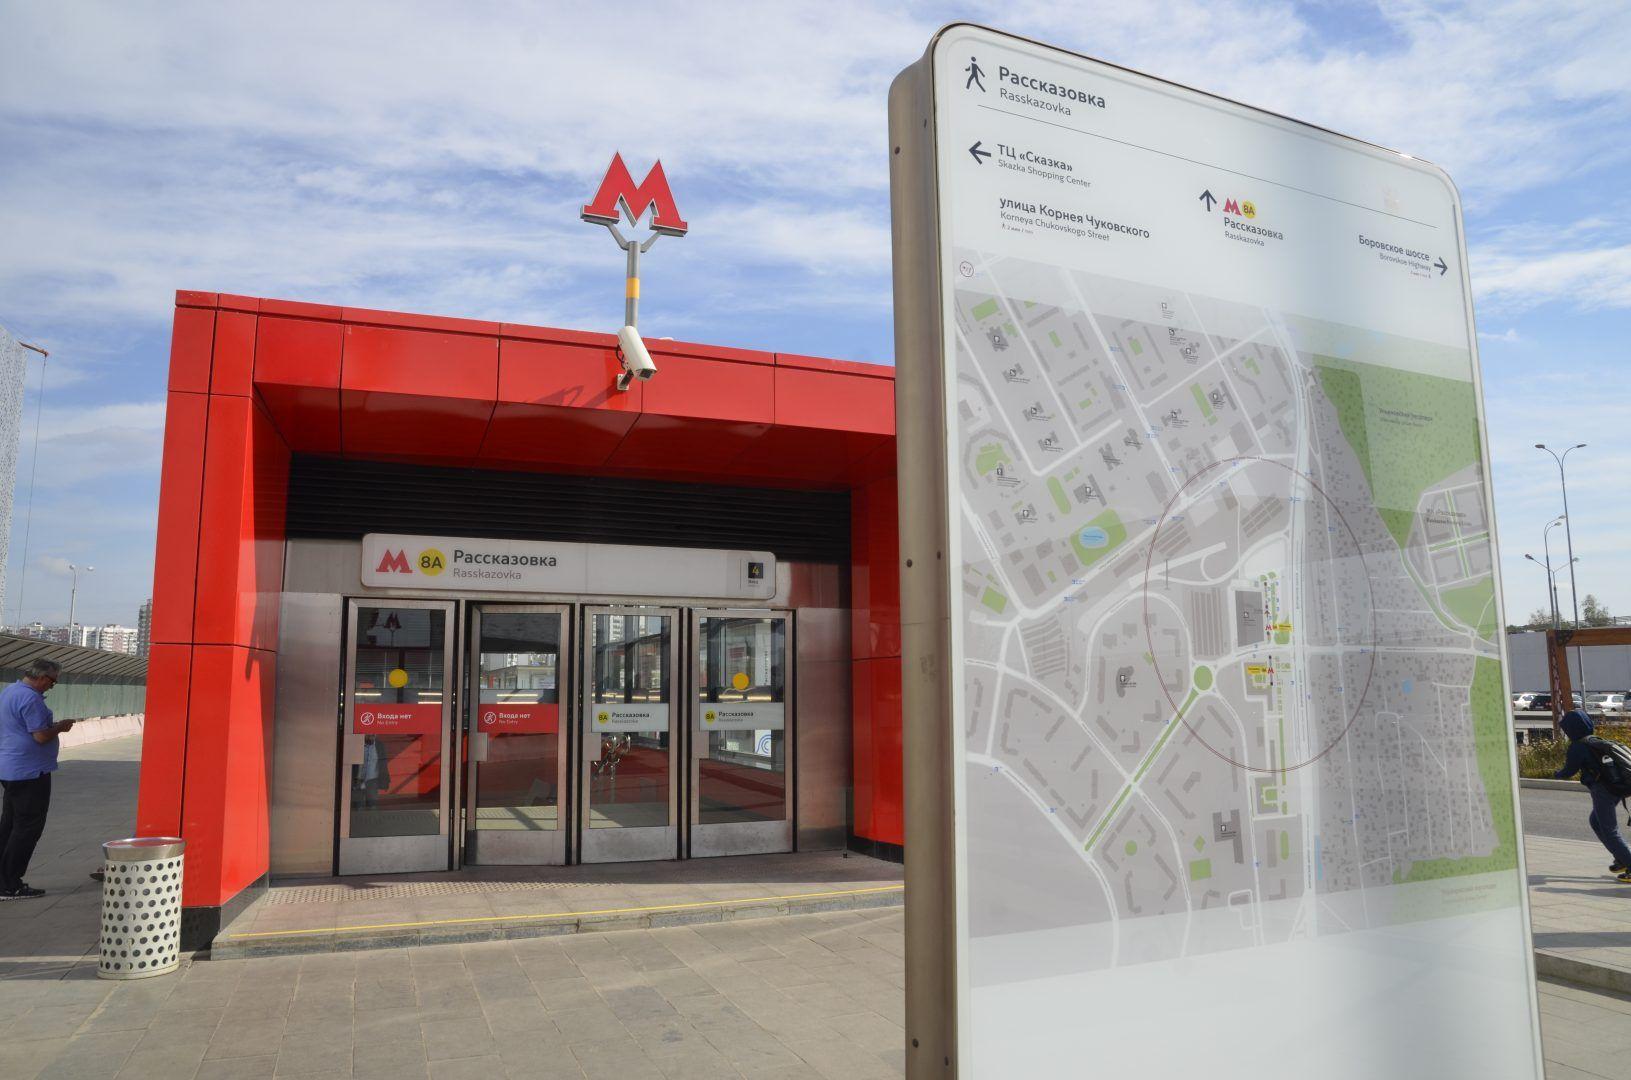 Помимо Рассказовки временно закроют вестибюли еще 19 станций столичного метрополитена. Фото: Анна Быкова